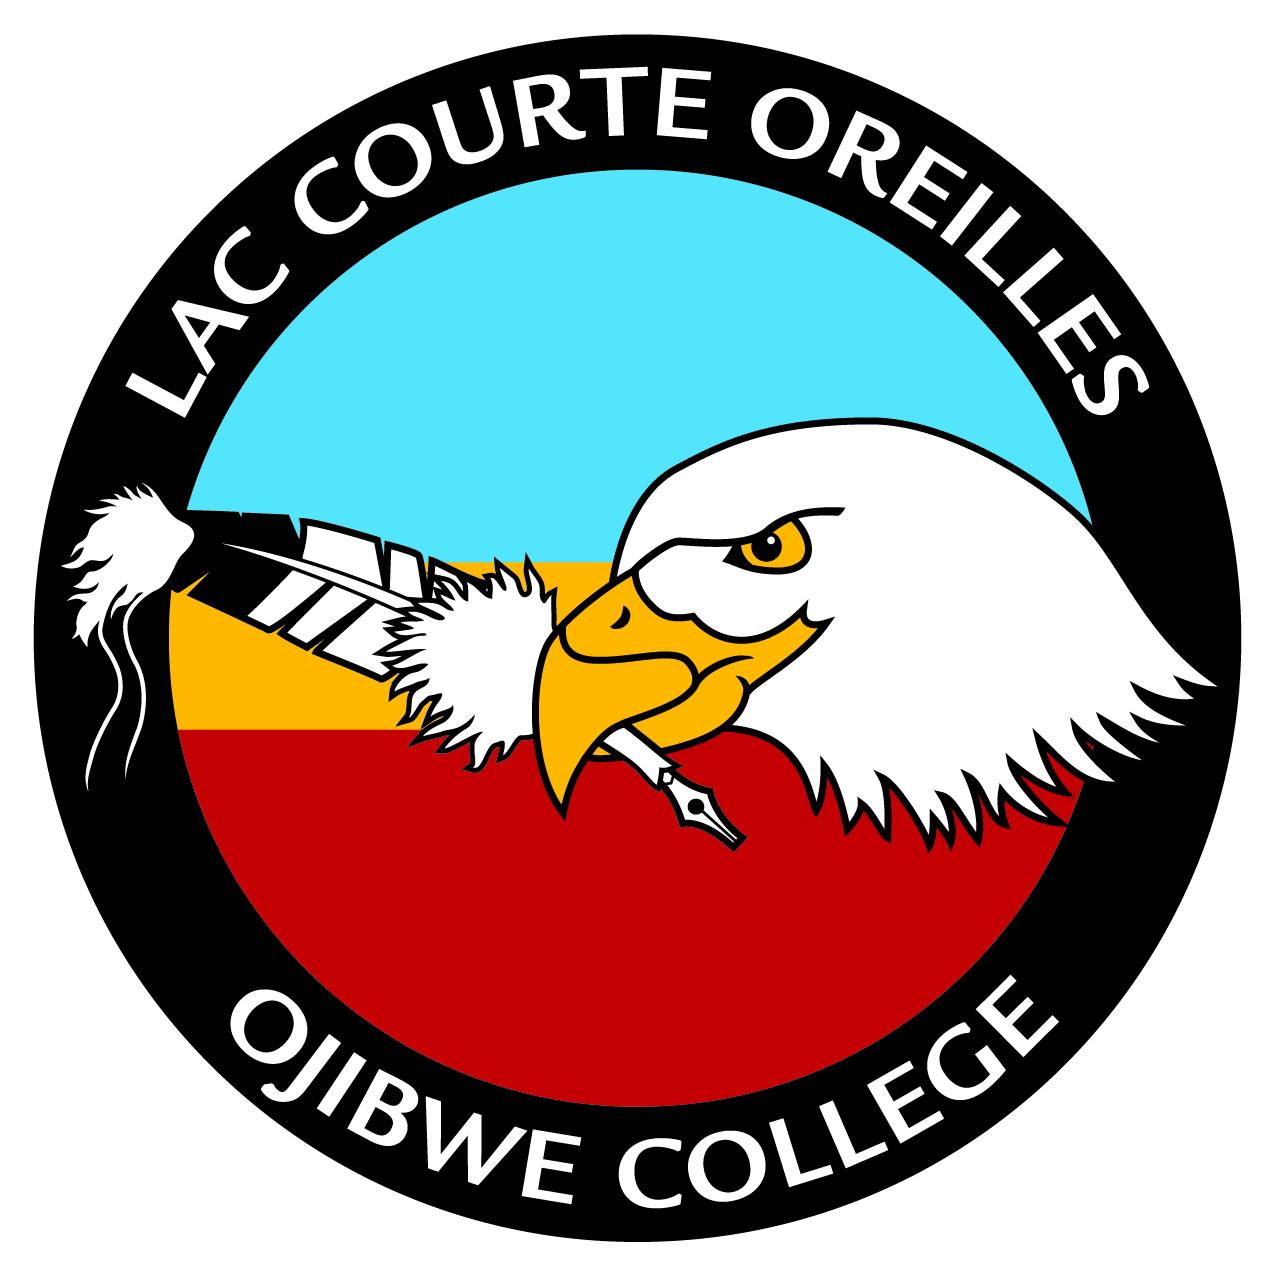 Lac Courte Oreilles Ojibwe College